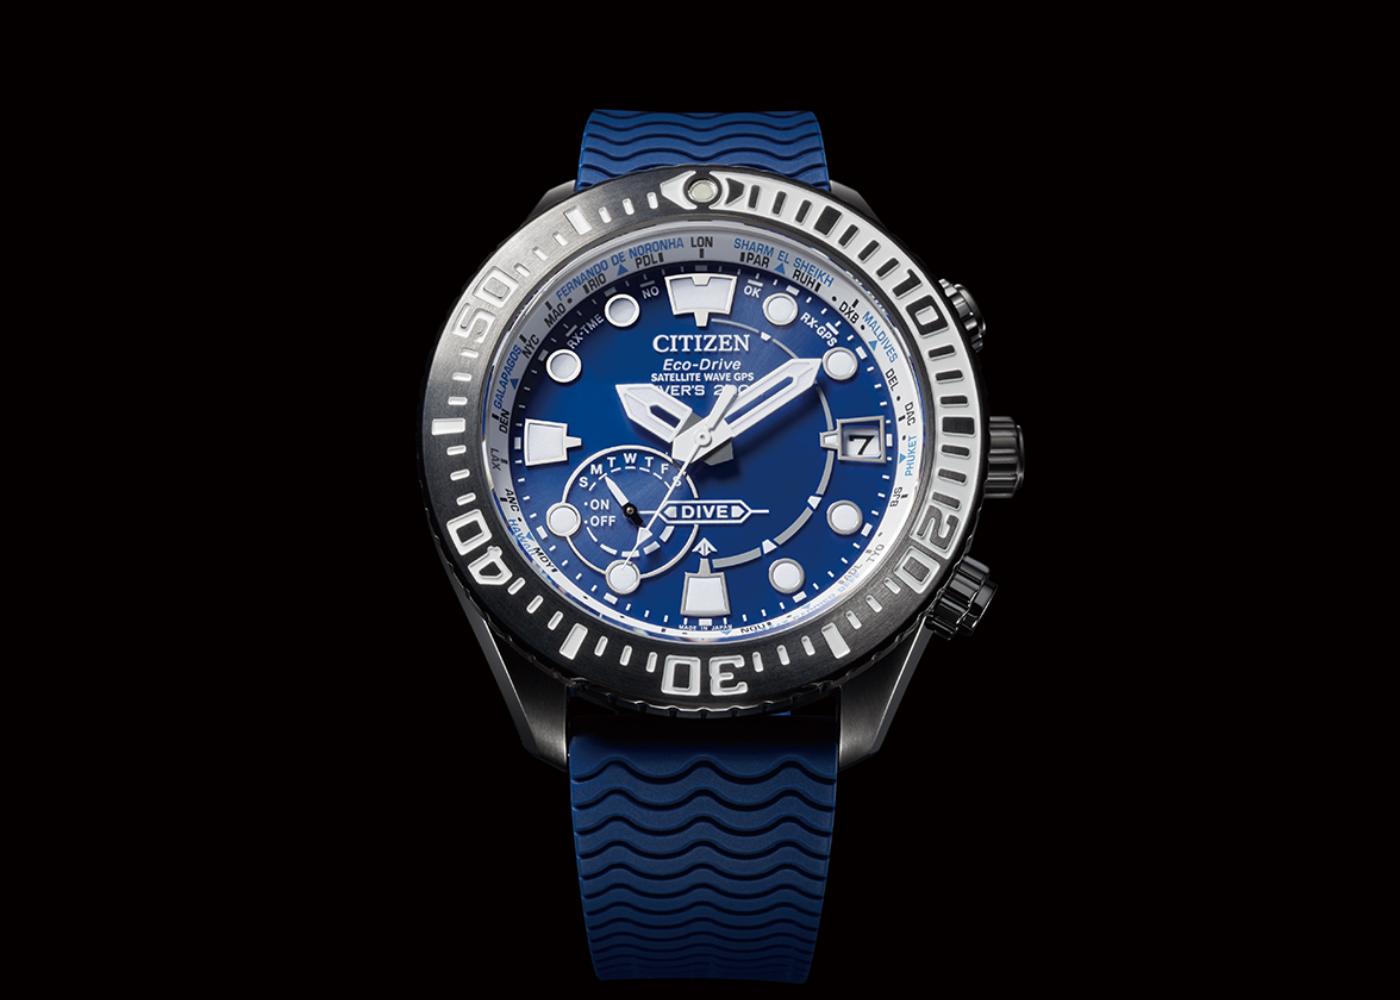 Esfera reloj diver's GPS Citizen cc5006-06l